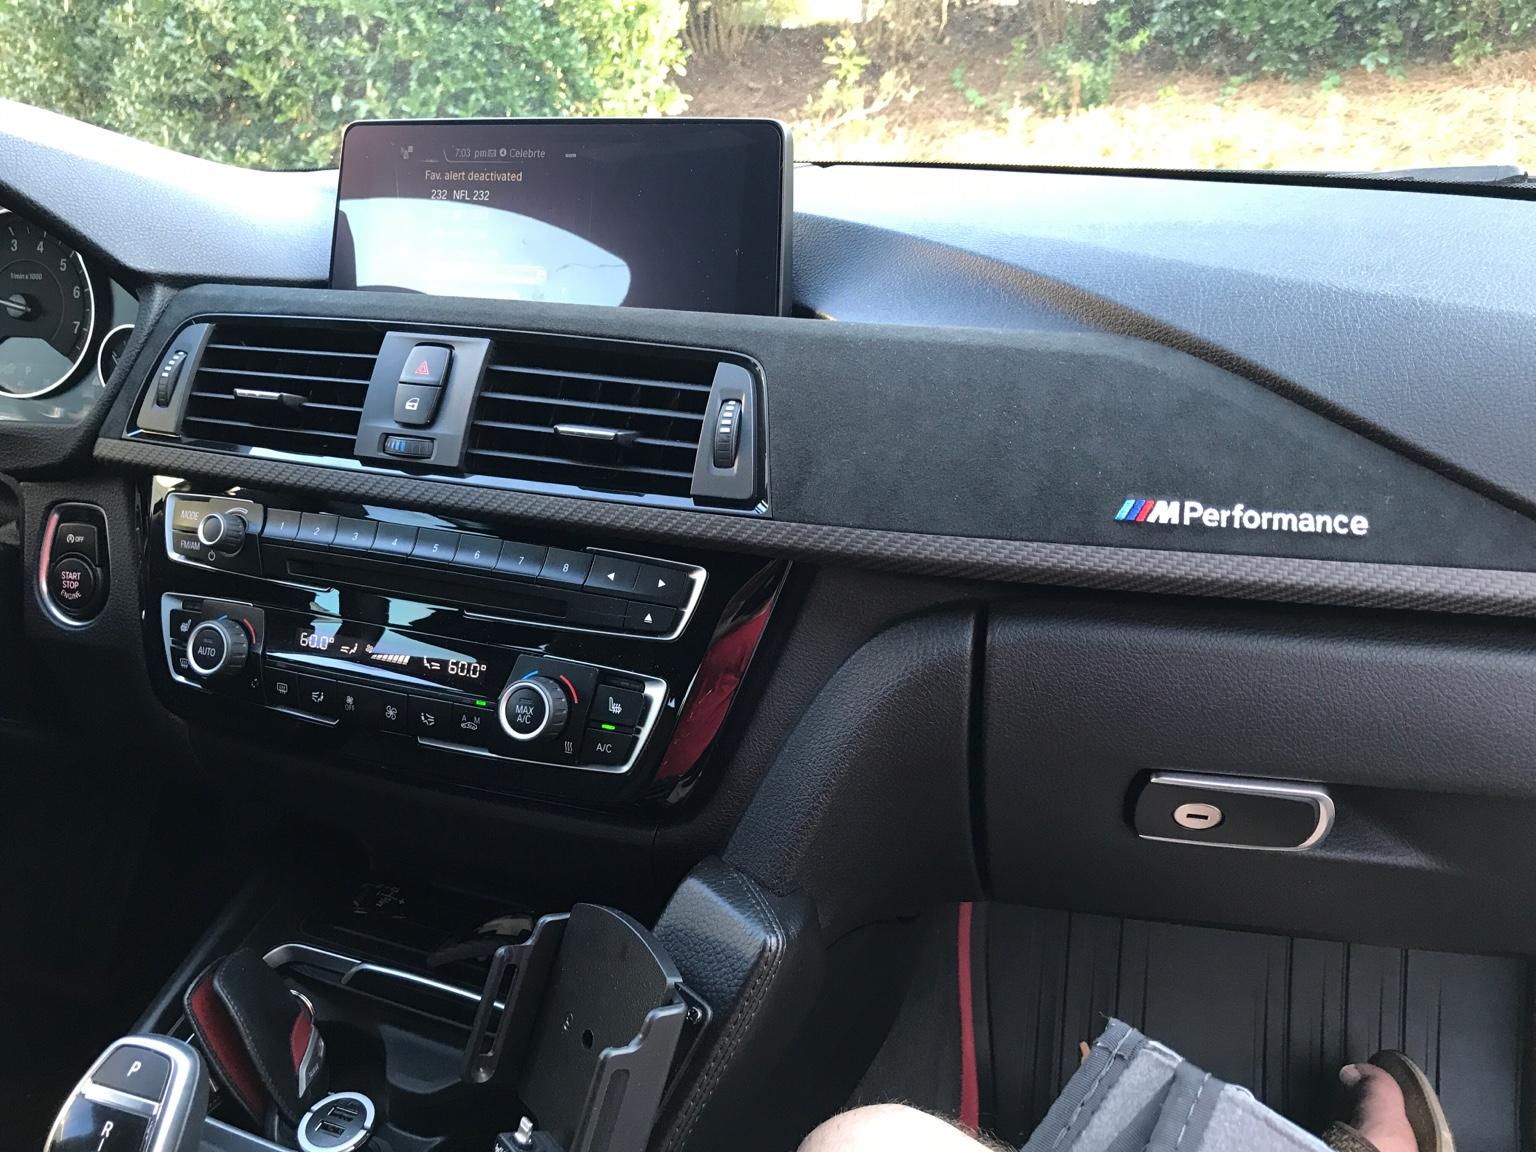 2016 F30 M Performance Interior Kit Bimmerfest Bmw Forums